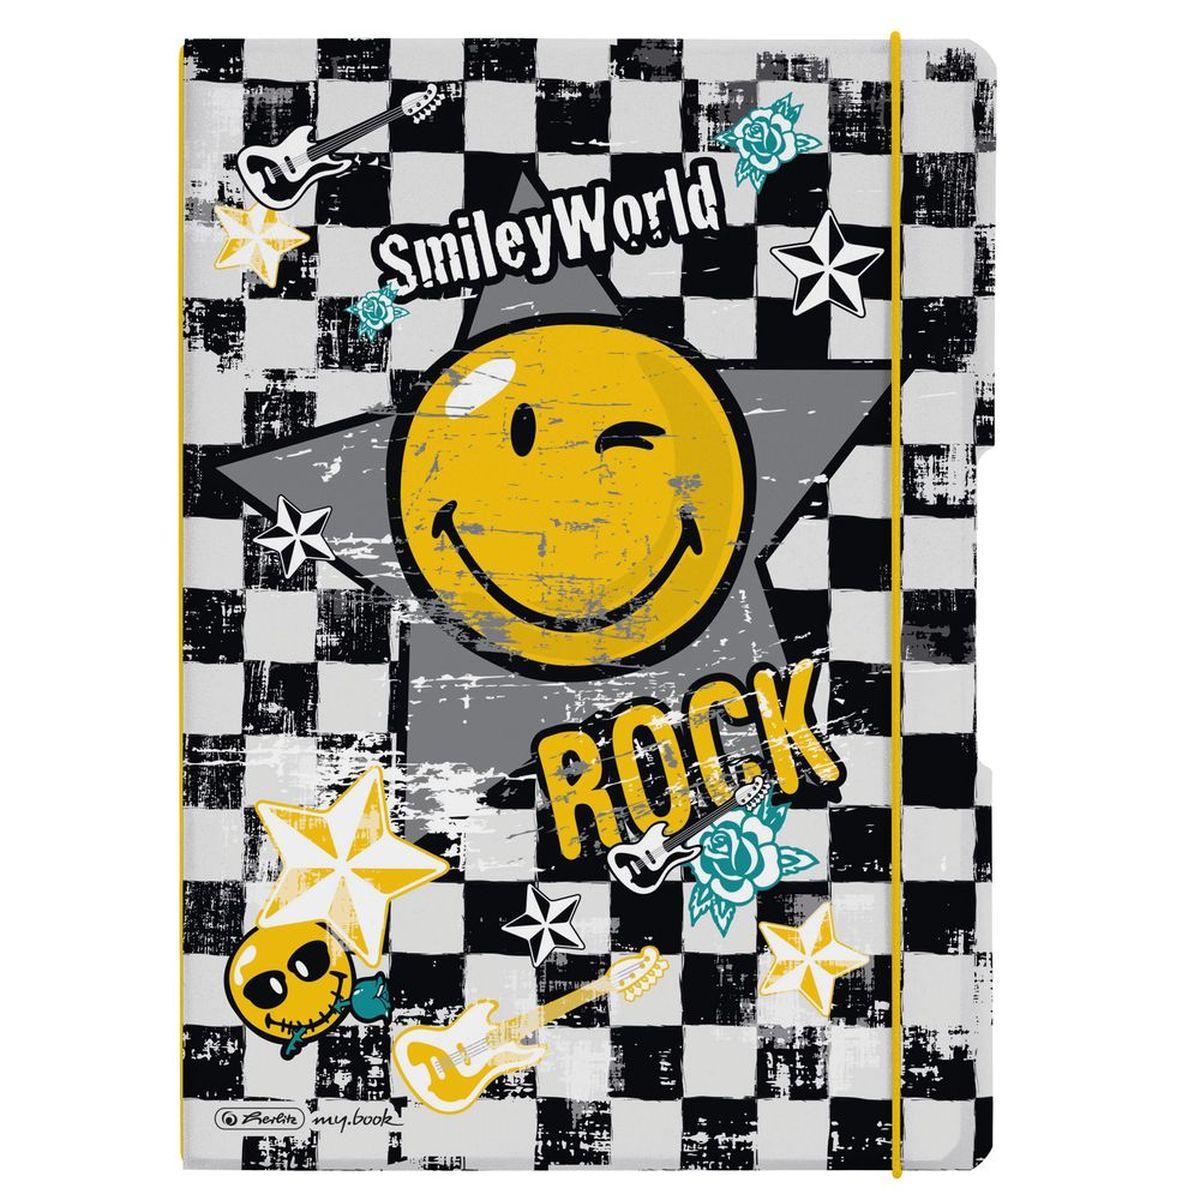 """Herlitz Блокнот my.book Flex Smiley Rock 80 листов в клетку/линейку72523WDКомбинируемый блокнот от Herlitz my.book Flex Smiley Rock подойдет для любого случая: в университете, в школе, дома или в офисе. Получите ежедневную дозу Рок н ролла с новой дизайнерской серией Smiley World! Клевые и прикольные смайлы, «шахматный» дизайн, а также различные детали рок-культуры, такие как гитары или розы, стилизованные под тату, привлекут внимание любого подростка.Благодаря разным бумажным сменным блокам, а также эластичным резинкам и креплению блокнот my.book всегда остается уникальным и разнообразным. С помощью наборов эластичных резинок вы можете немного менять внешний вид своего блокнота my.book flex каждый день. При желании вы можете просто продолжать использовать свою любимую обложку, потому что с бумажными блоками всегда есть, где писать.Пластиковый блокнот my.book flex завоюет ваше сердце. Пластиковая версия блокнота формата A4 имеет еще одно преимущество: уникальная система """"2-в-1"""". В отличие от обычных блокнотов, эта версия позволяет использовать одновременно бумажные блоки в клетку и в линейку. Утомительная необходимость носить за собой разные блокноты и тетради ушла в прошлое."""